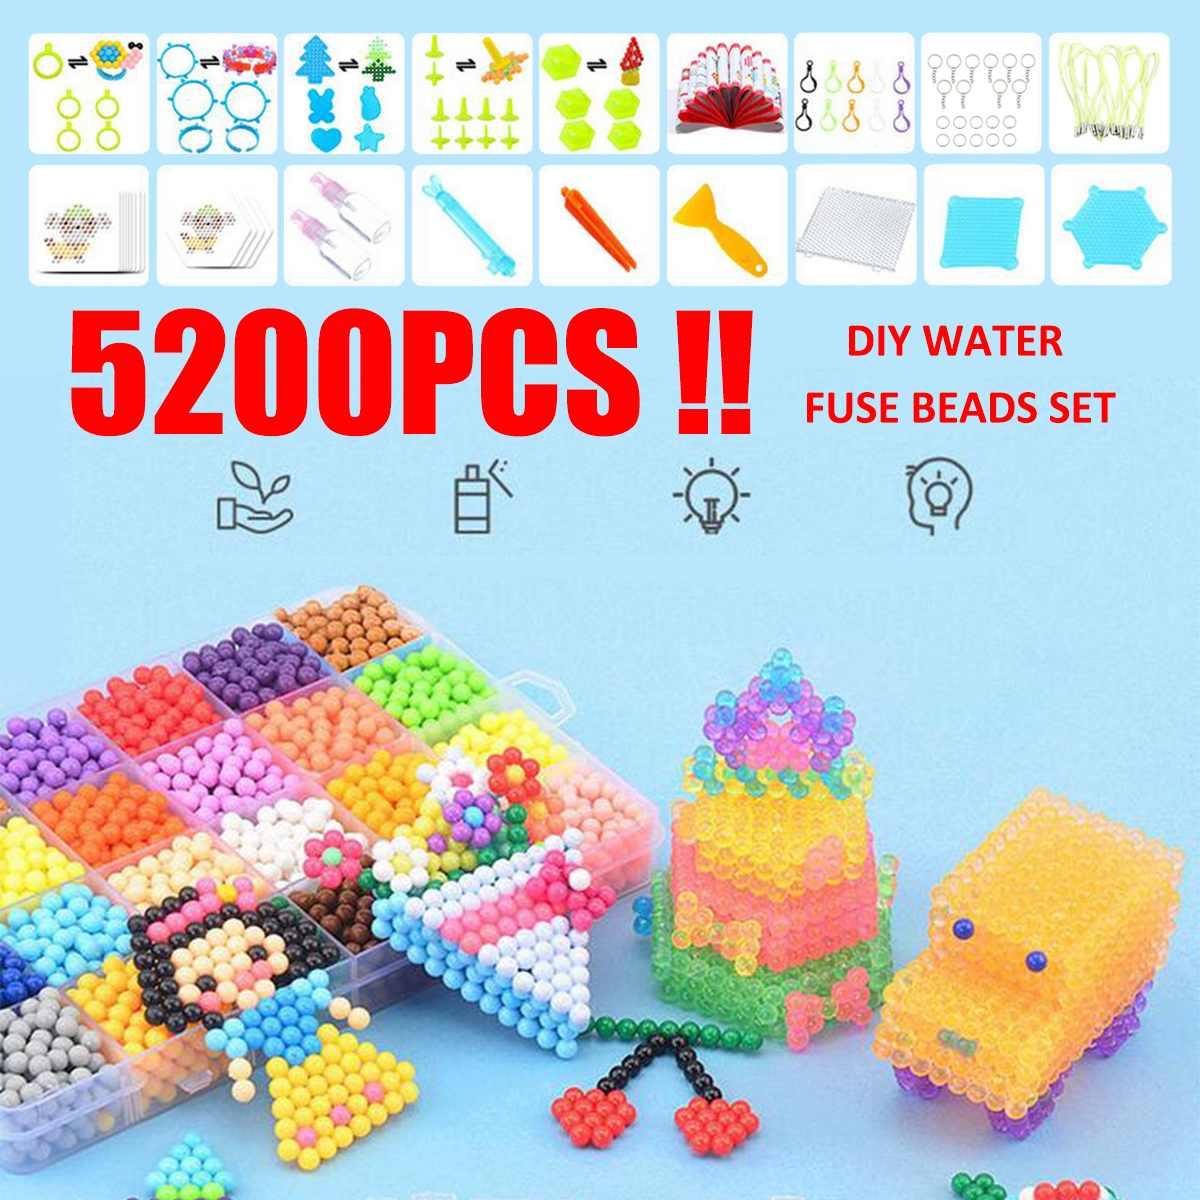 5200 pièces cristal bricolage Spray magique collant Aquas eau 26 couleurs perles fabrication à la main 3D Puzzle jouets éducatifs pour enfants enfants jouet